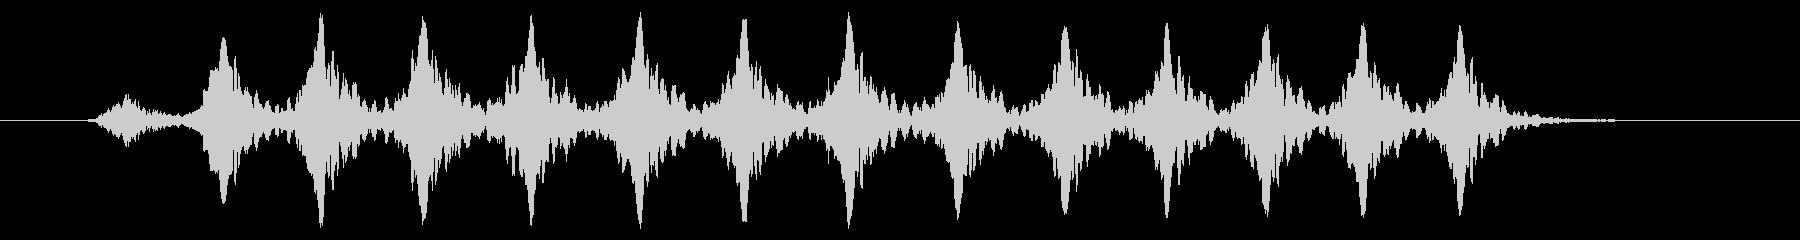 こおろぎの鳴き声_その1の未再生の波形